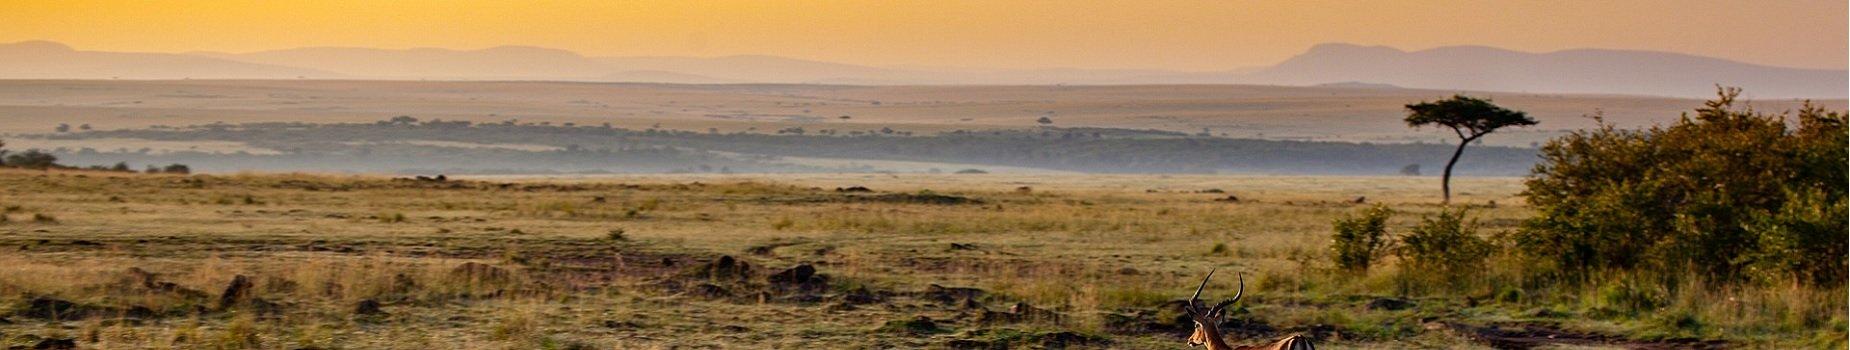 Vliegvelden Kenia